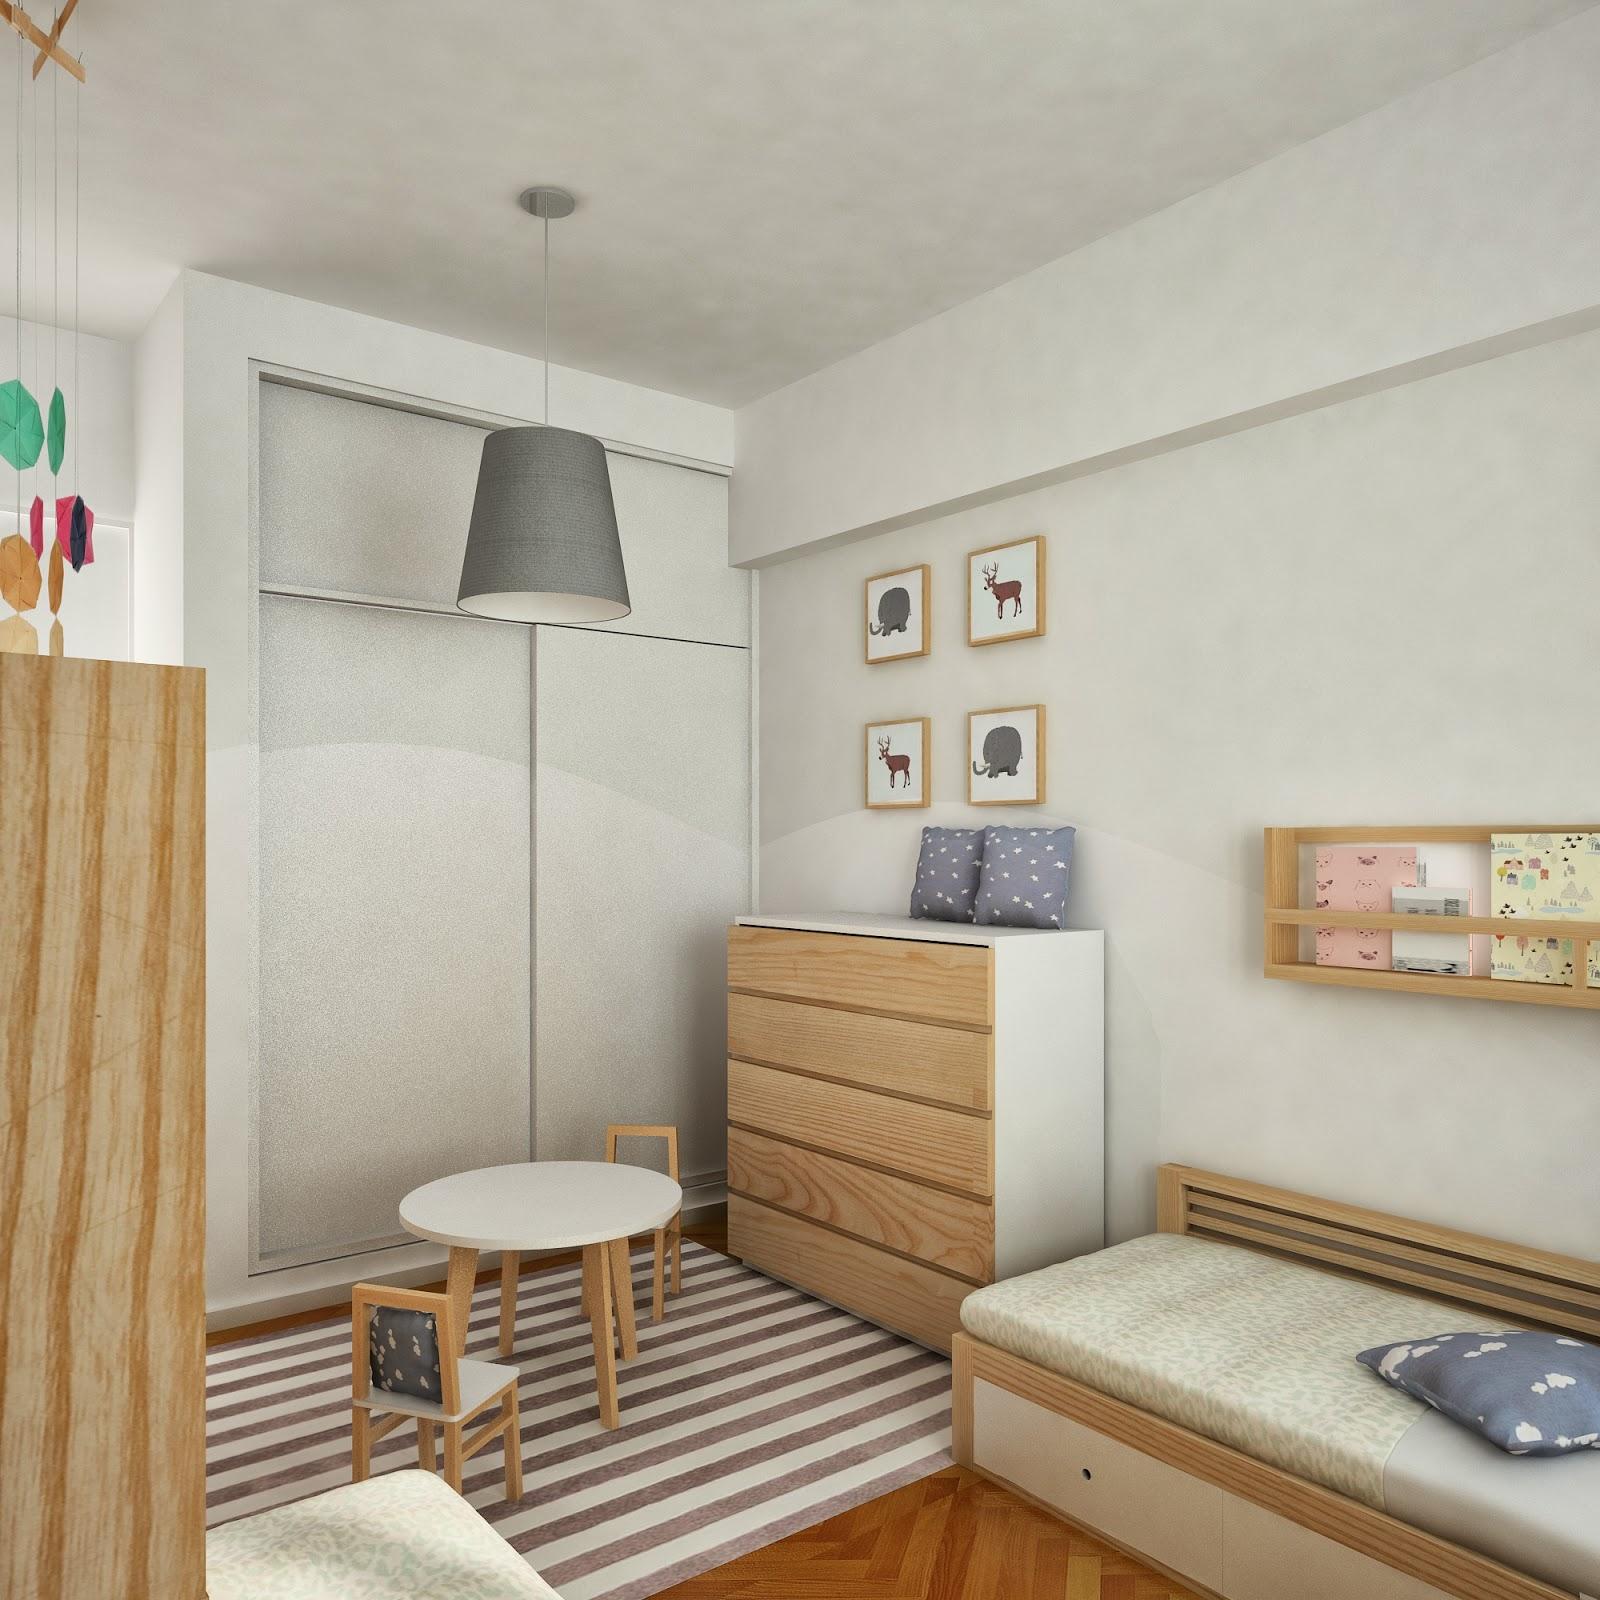 Kasa kids room by kasadesign for Kasa diseno interior